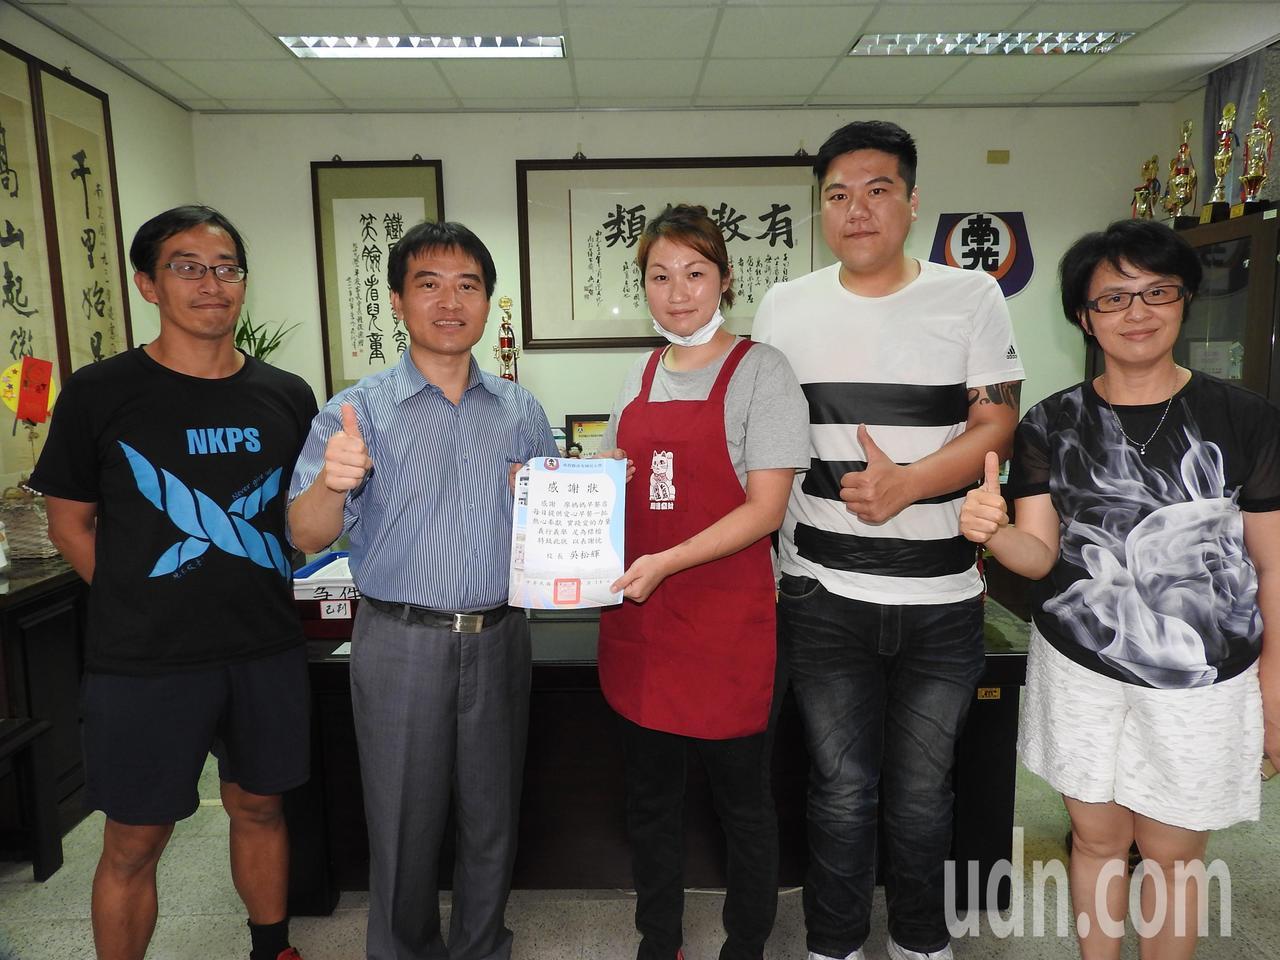 南光國小校長吳松輝(左2)感謝廖千惠(右3)和張家瑋(右2)的愛心,而致贈感謝狀...